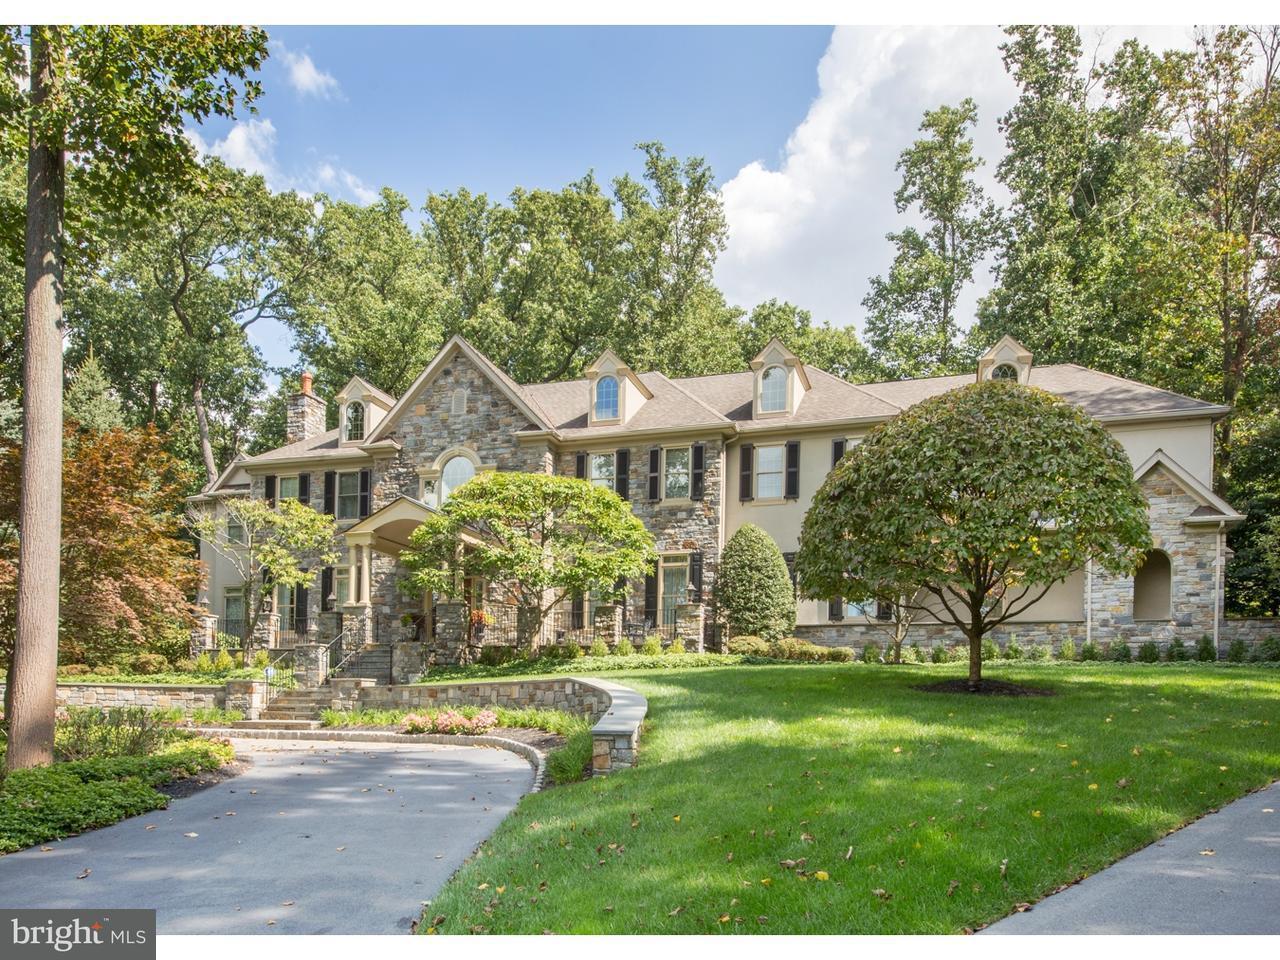 Частный односемейный дом для того Продажа на 1000 RADCLIFF Lane Lower Gwynedd, Пенсильвания 19002 Соединенные Штаты